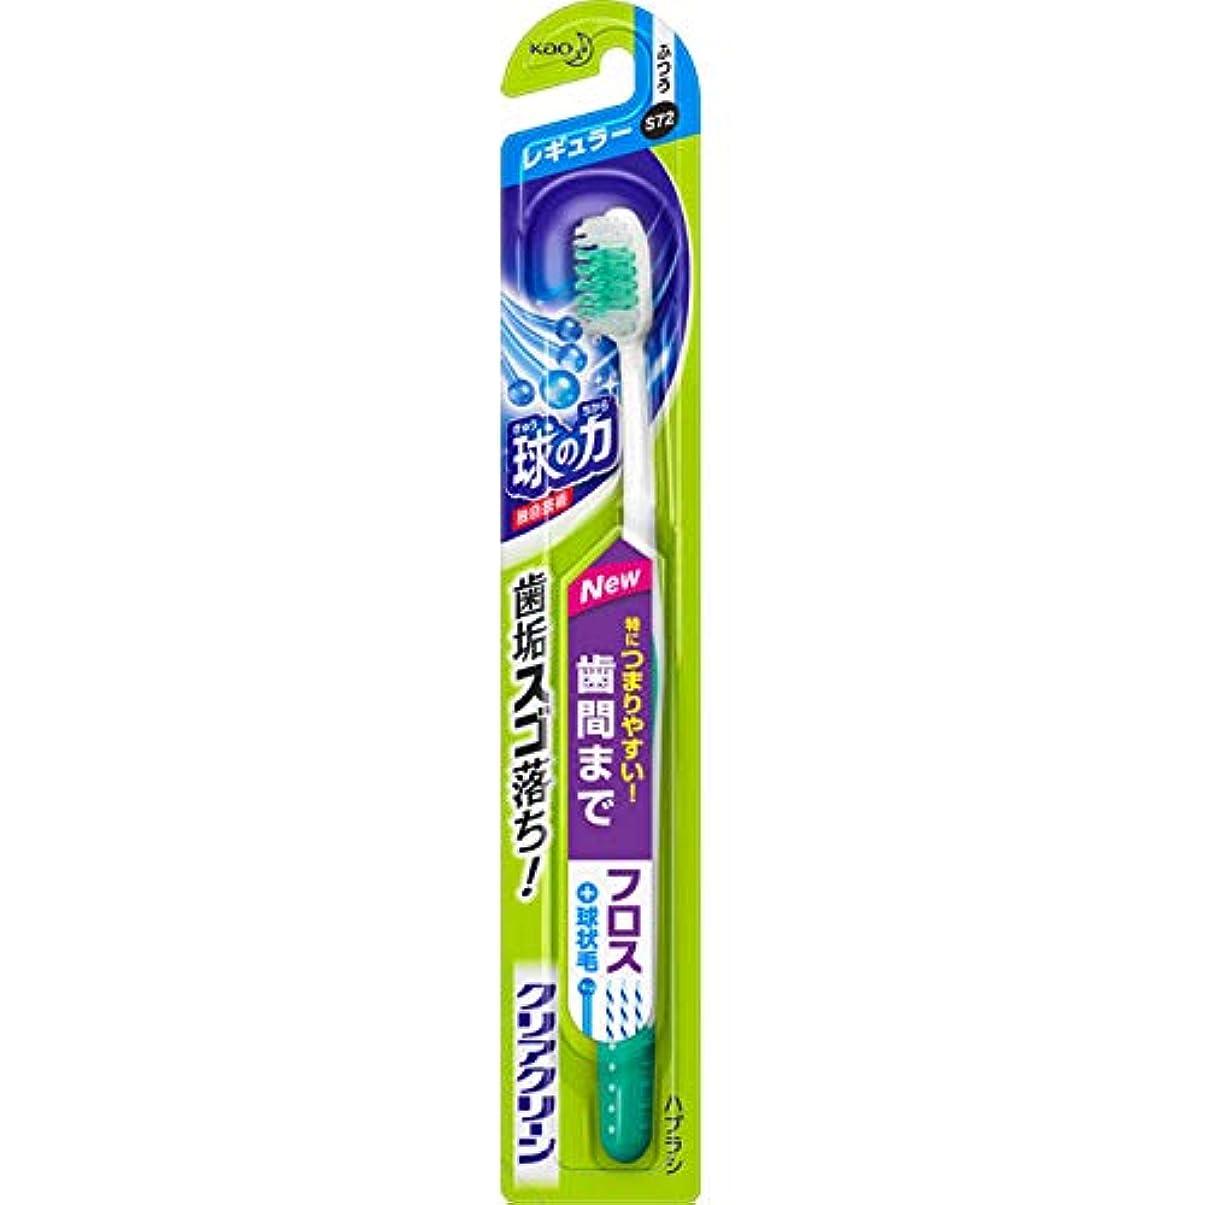 実装する暖かさ休憩花王 クリアクリーン ハブラシ 歯間プラス レギュラー ふつう 1本